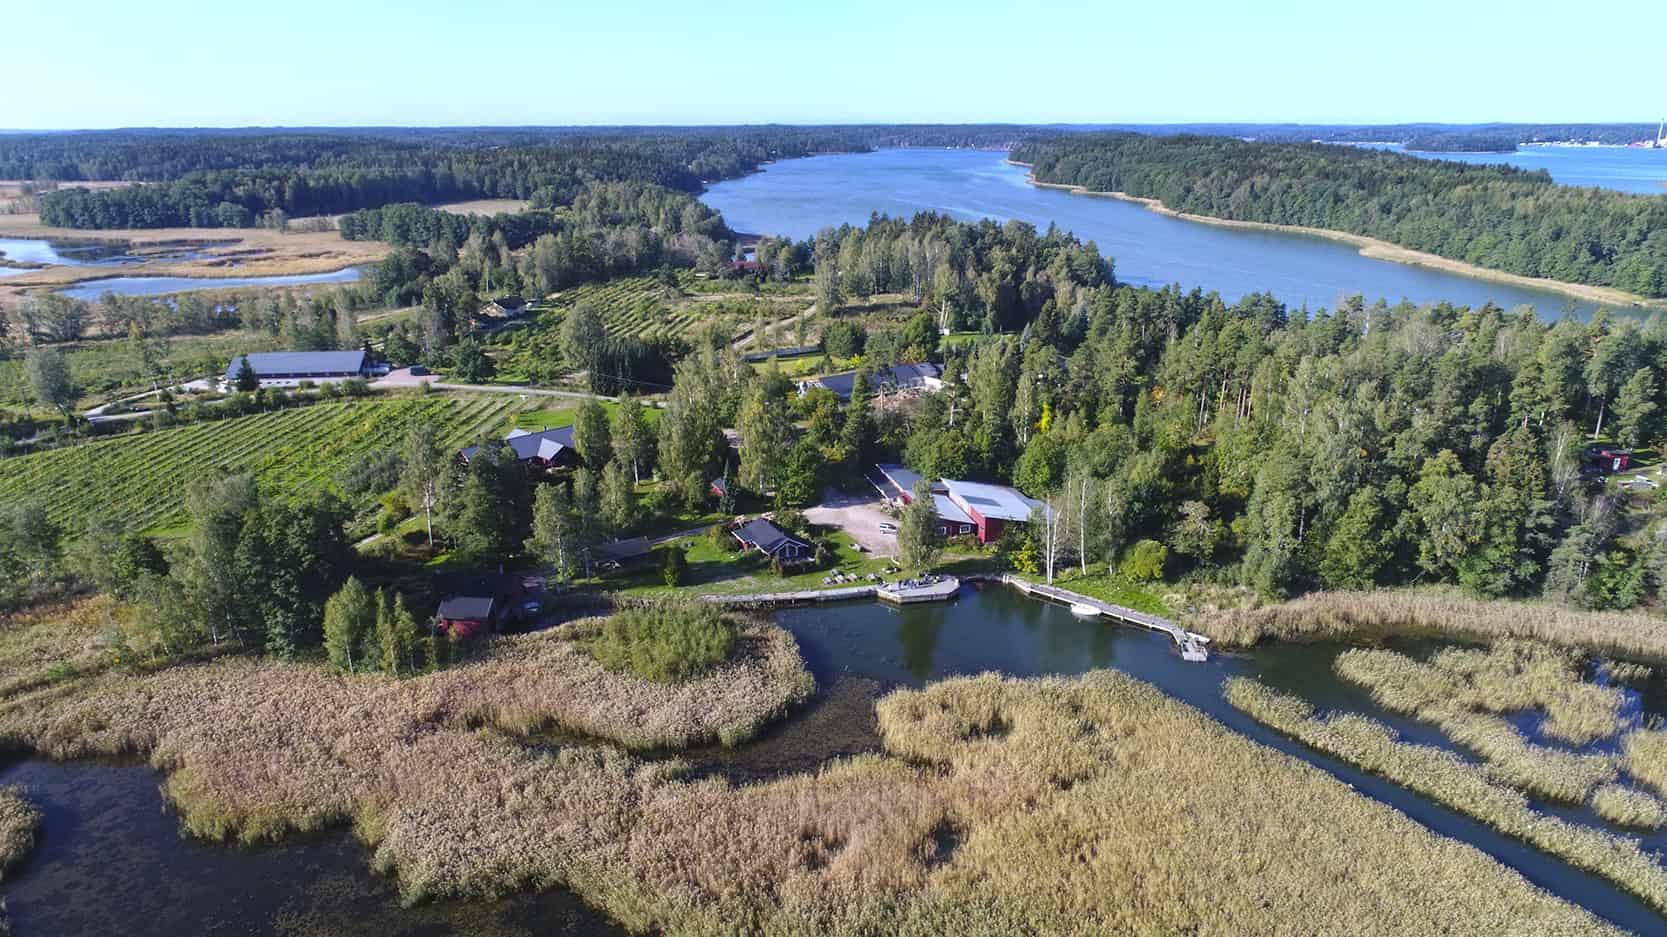 Ilmakuva Tammiluodon Viinitilan rannasta, joka on täynnä jörviruokoa.